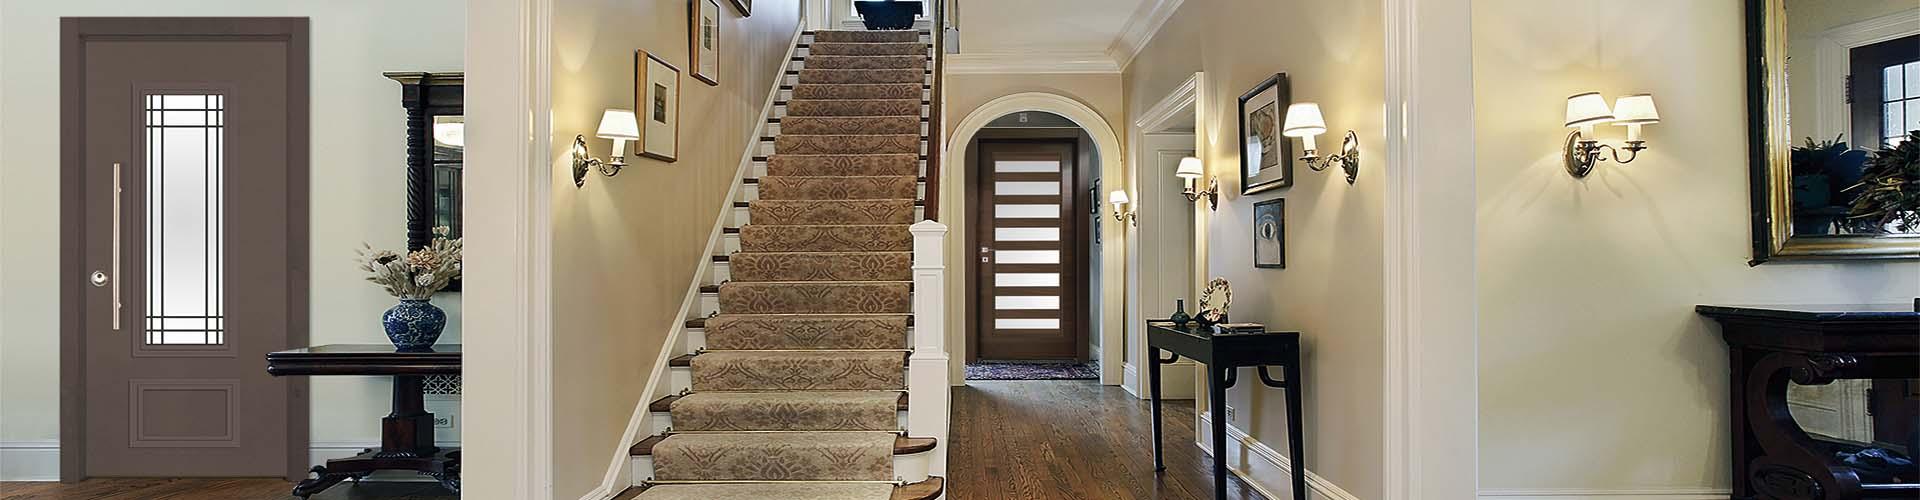 דלת כניסה לבית – 10 טיפים